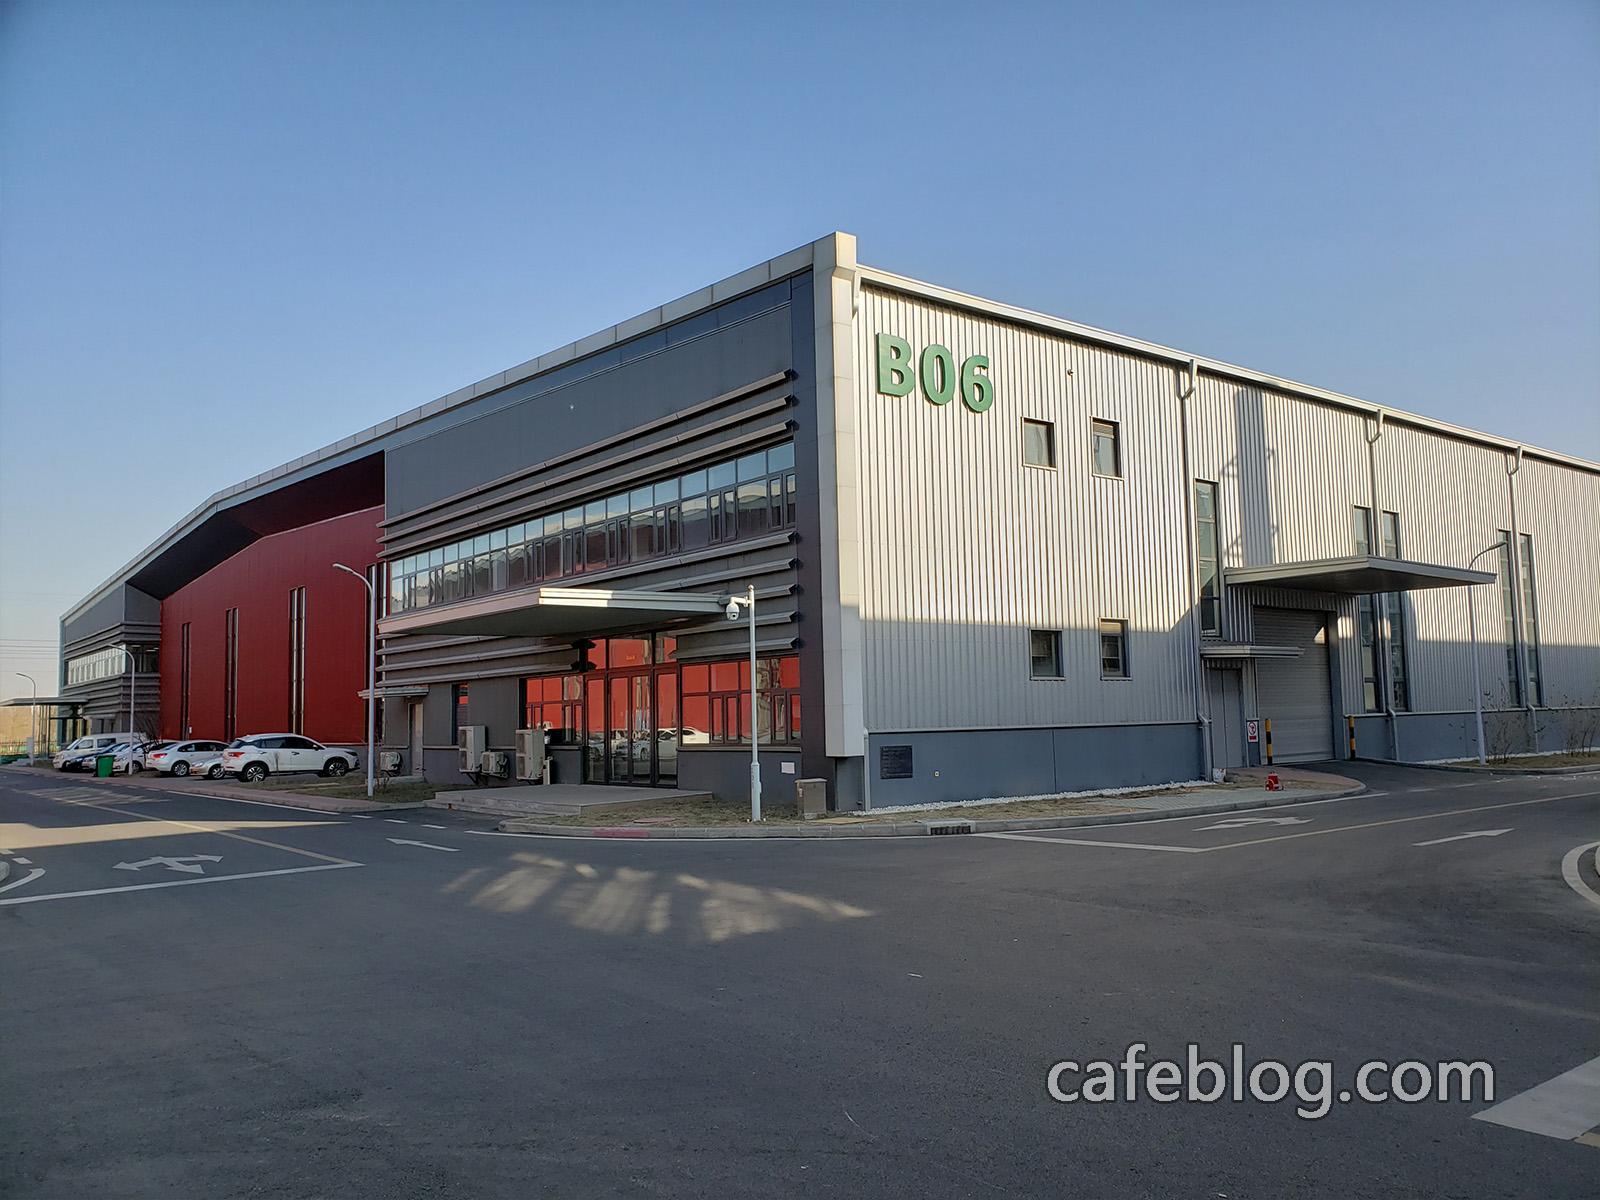 本次安装客户是中国最大的咖啡工厂,北京吉意欧咖啡有限公司天津分公司。看到建筑物外观可想而知工厂的规模。